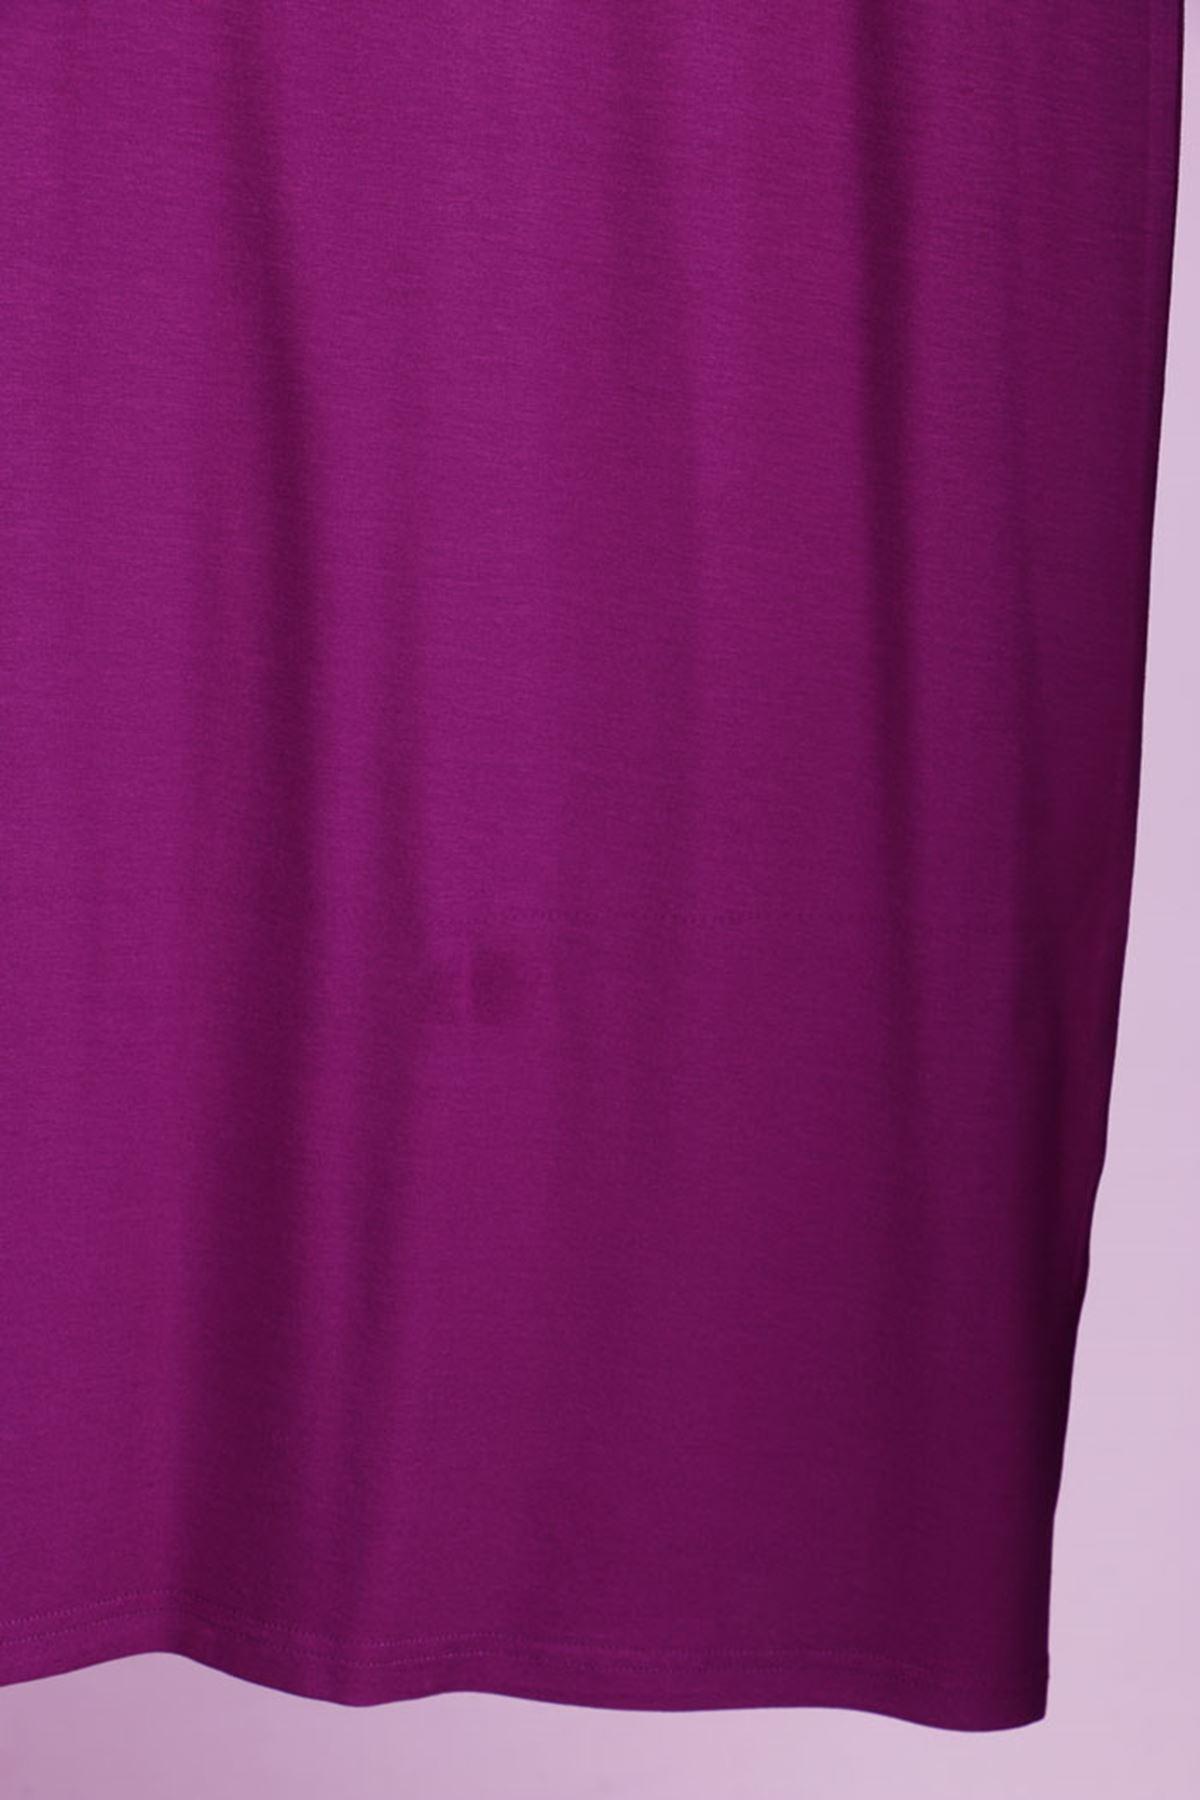 D-17211 Büyük Beden Defolu Taş Baskılı Penye Elbise  - Leylak